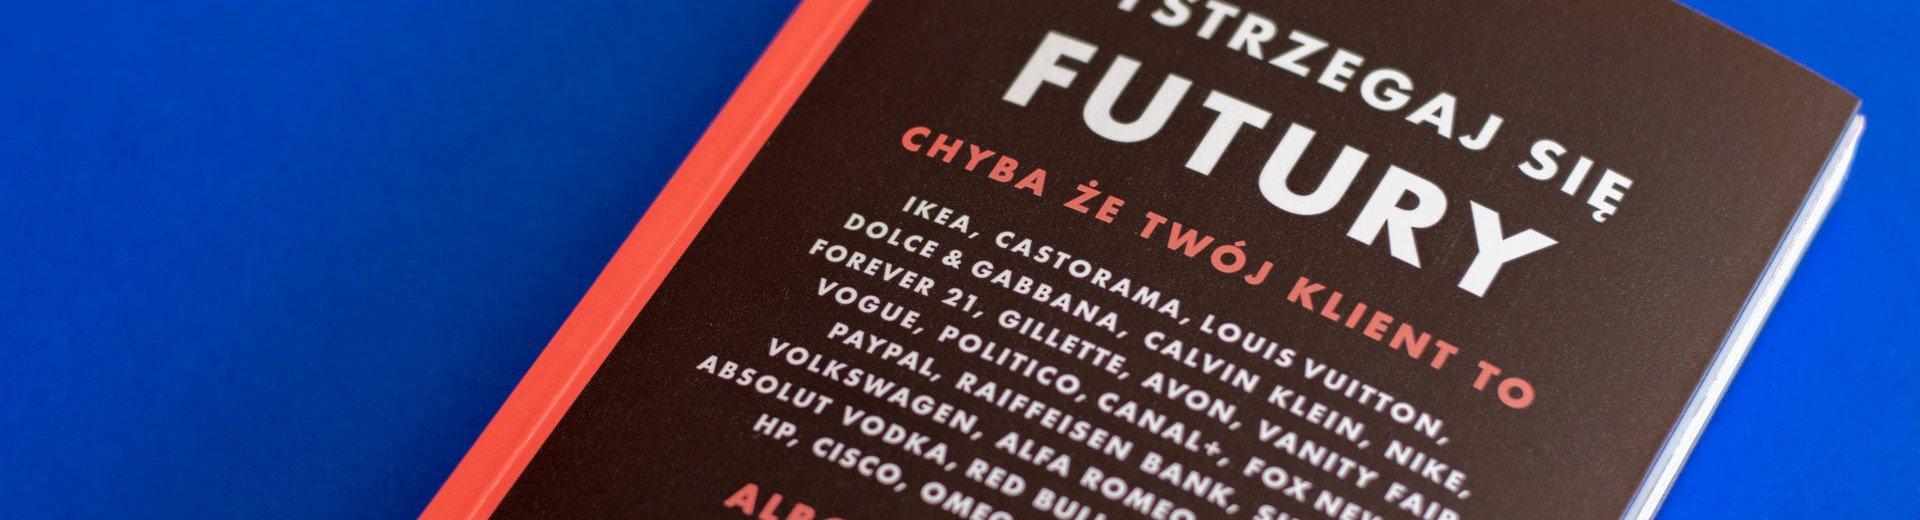 Okładka artykułu Wystrzegaj się Futury — Recenzja polskiego wydania książki Douglasa Thomasa